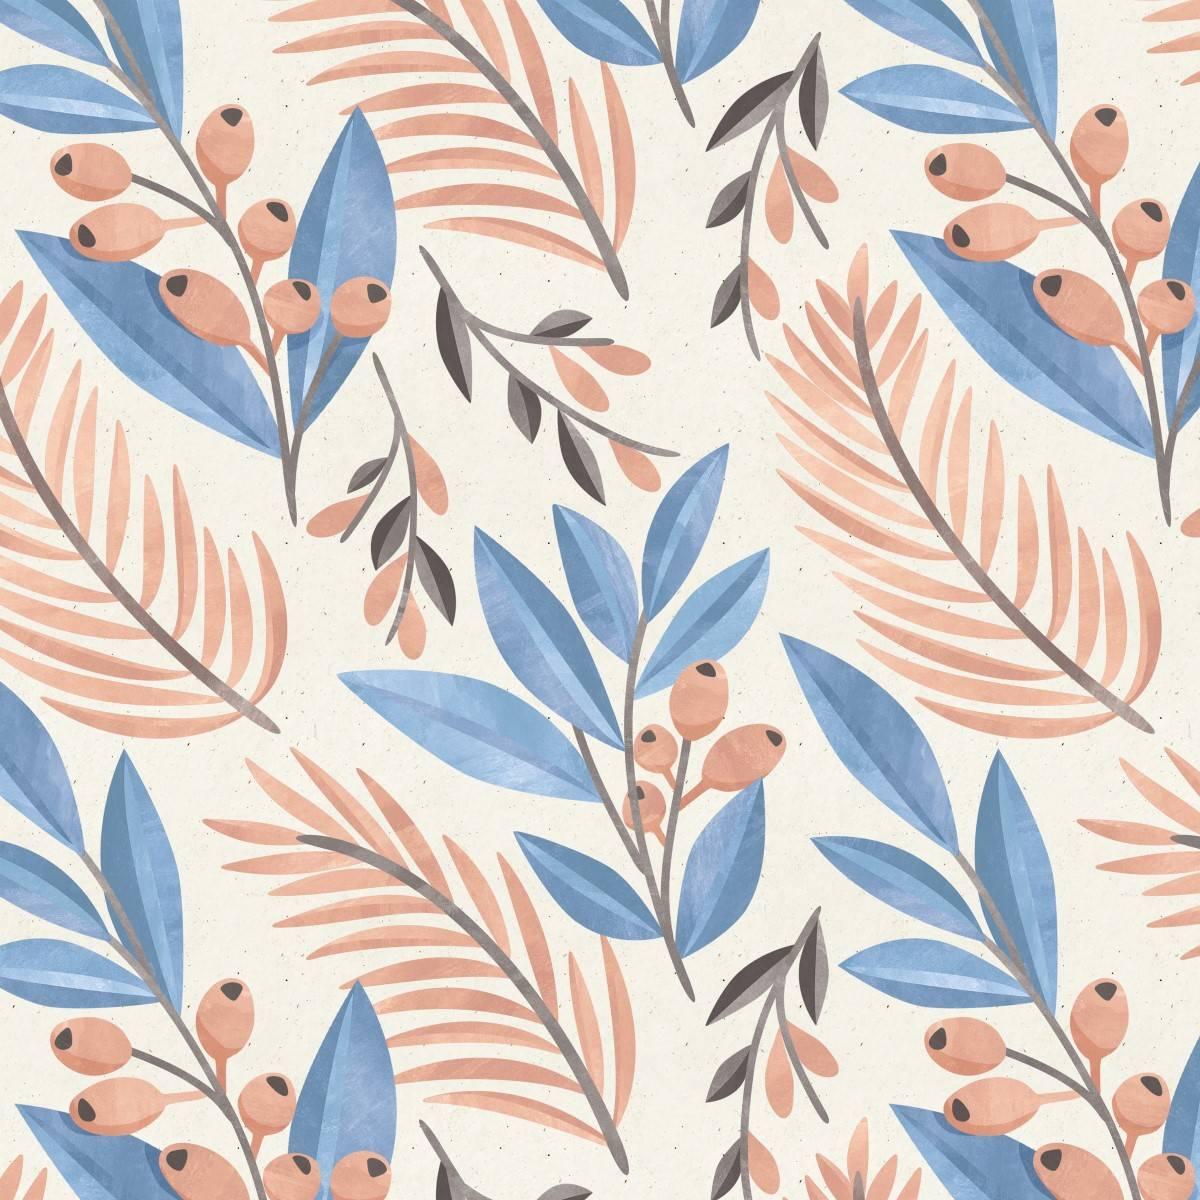 Papel de Parede Adesivo Floral Ramos/Rolo - Redecorei